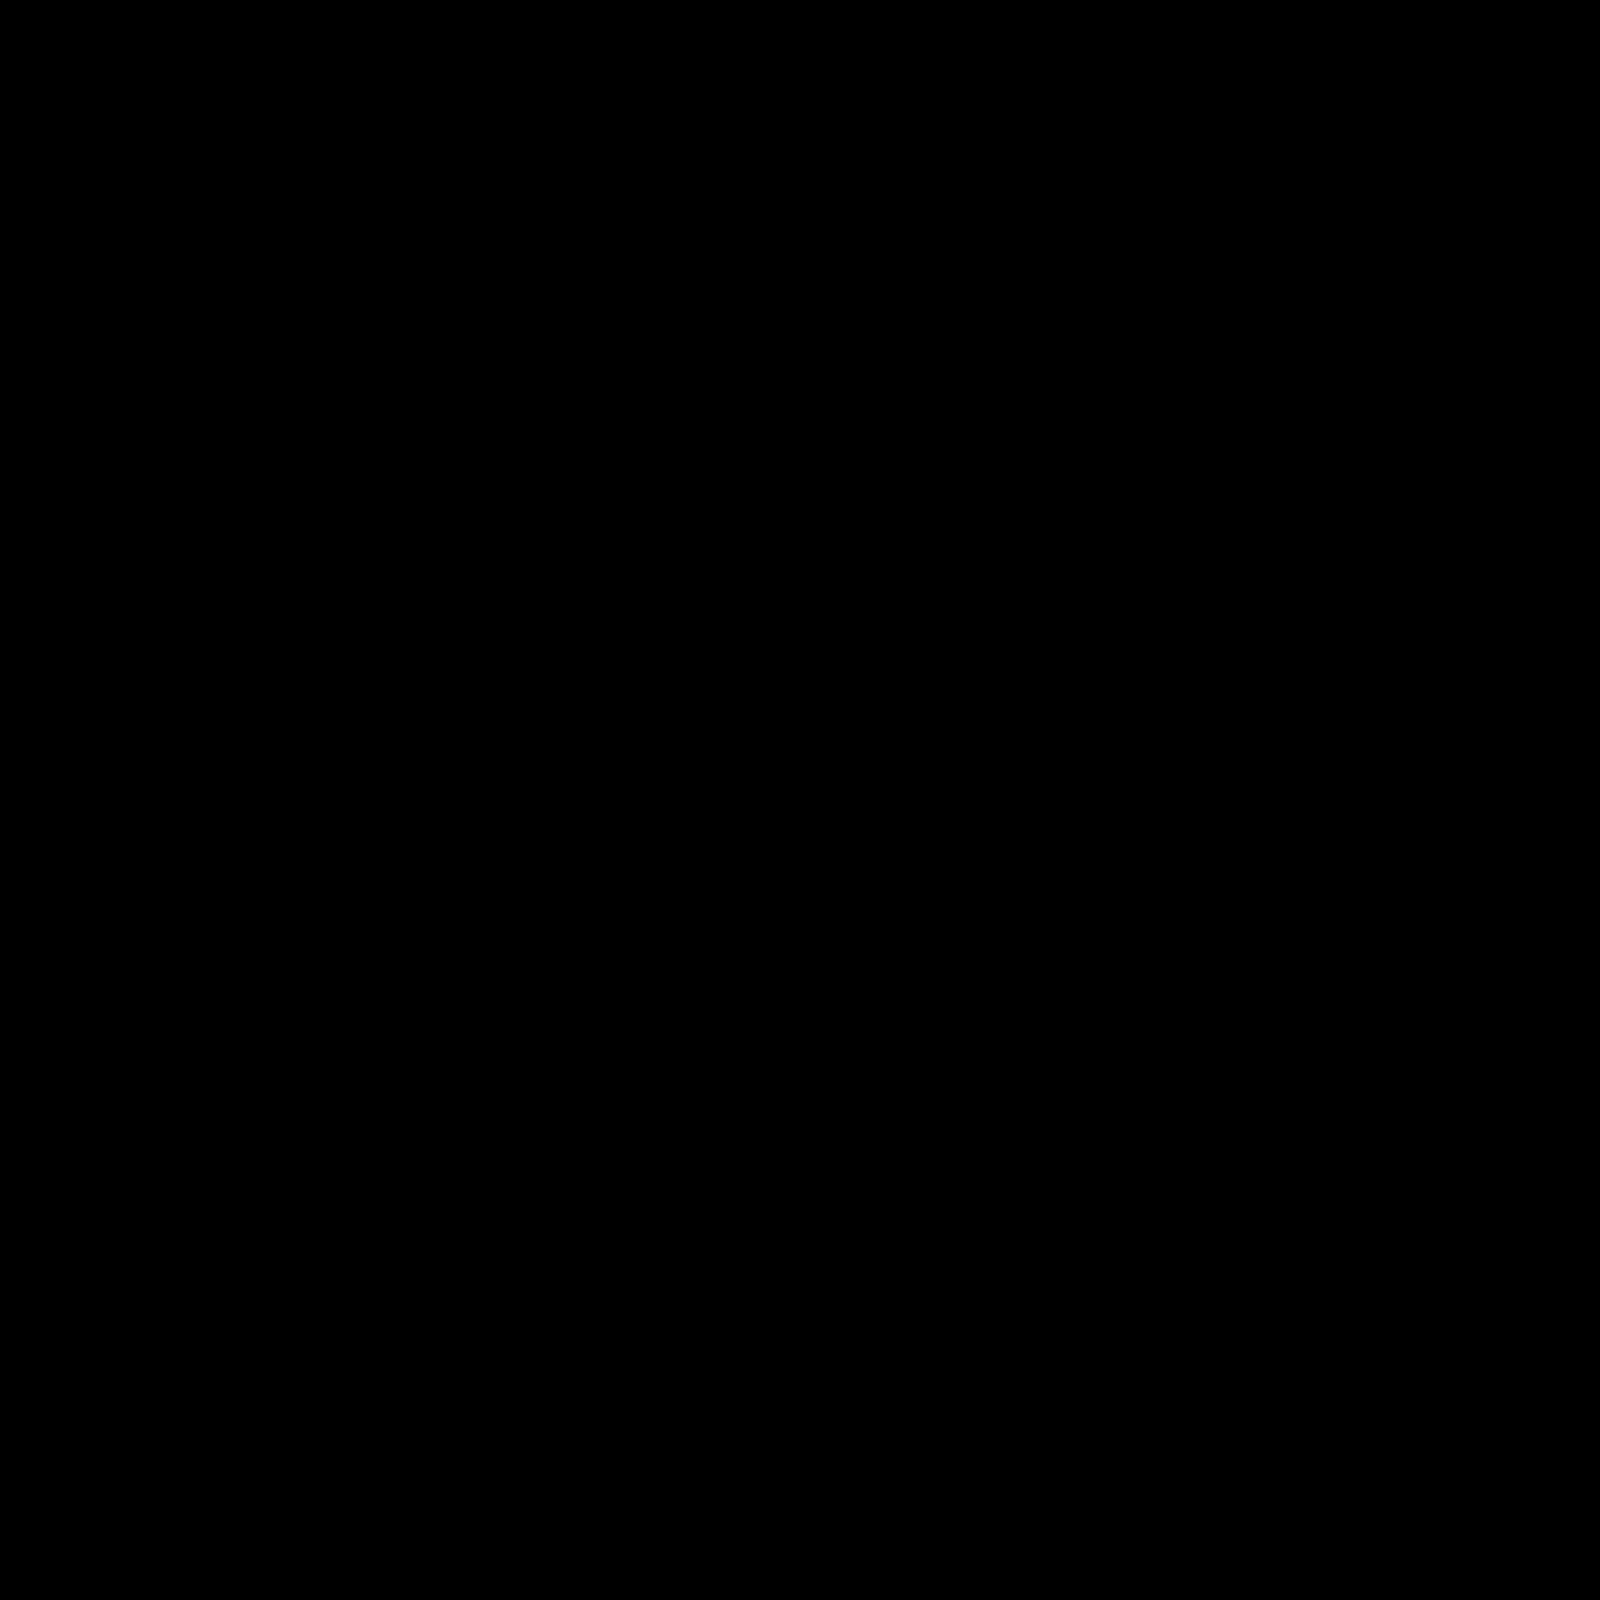 Символ знака рак